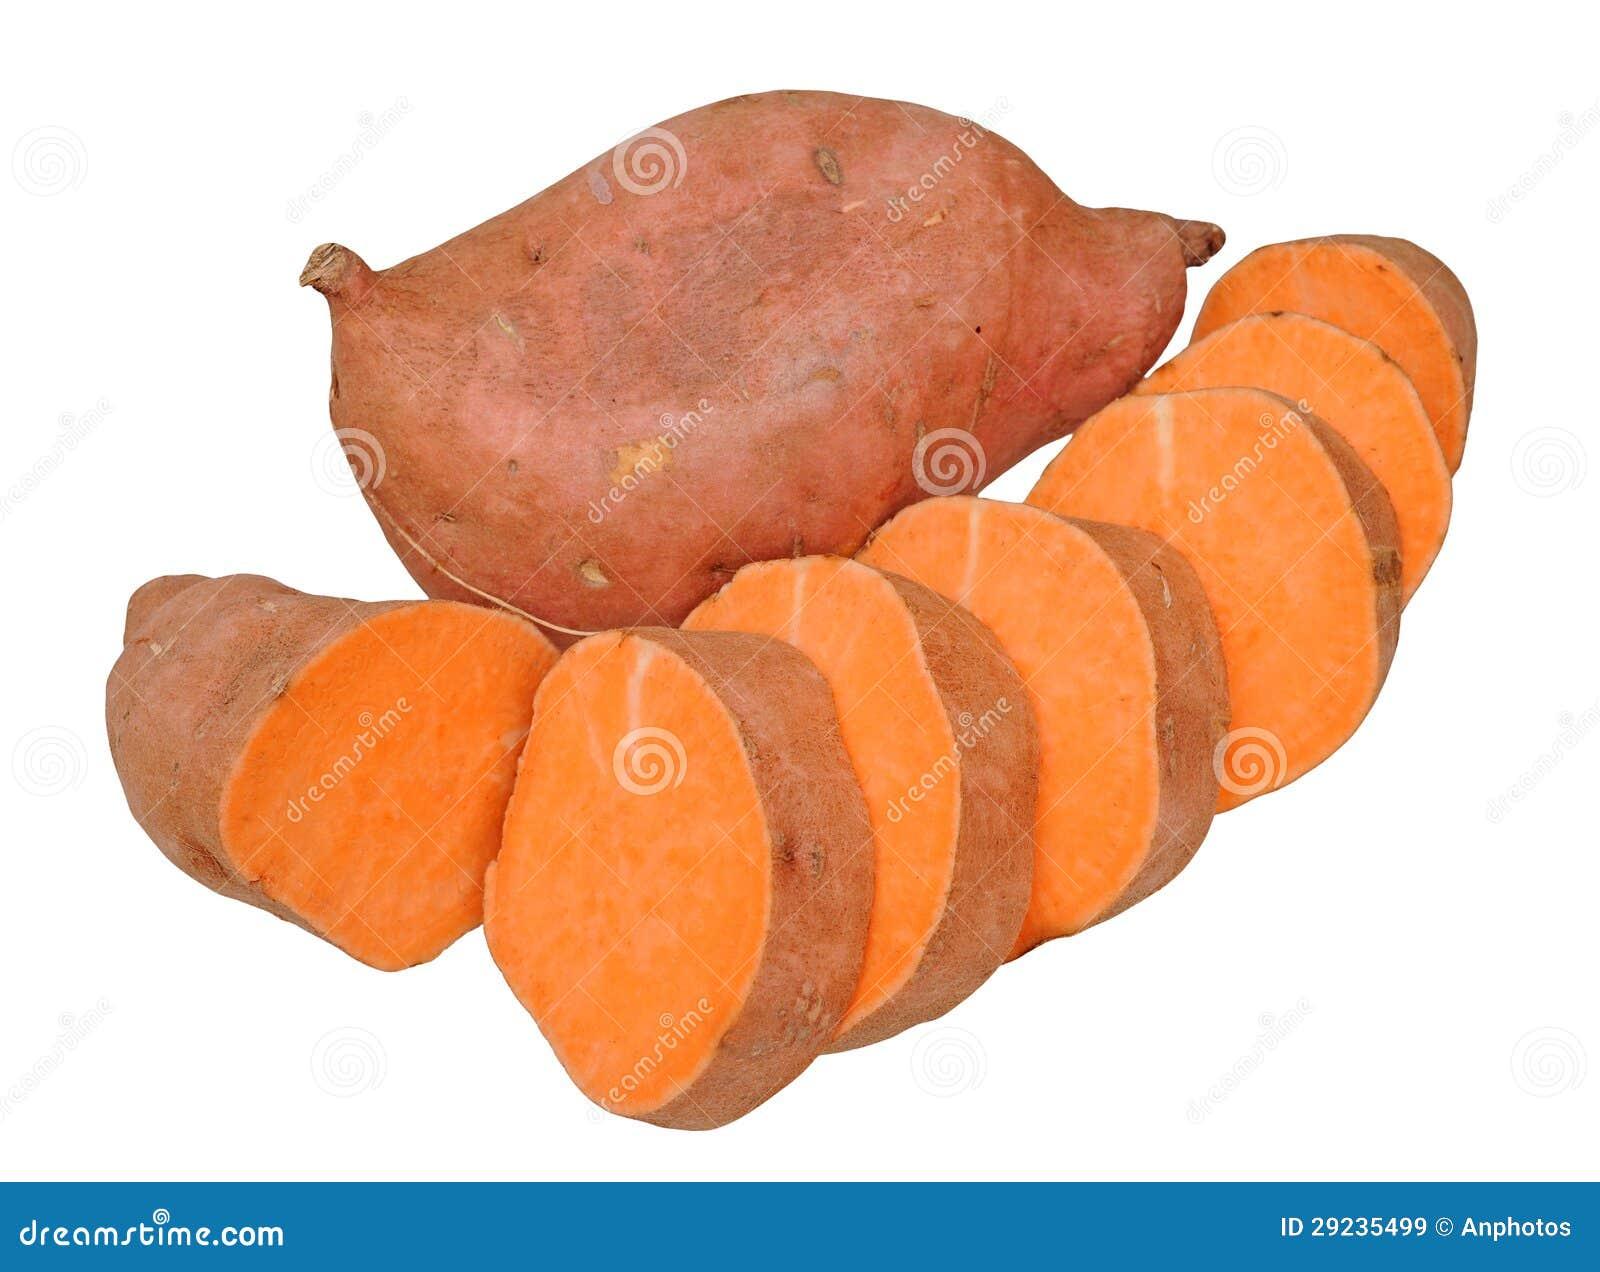 Download Batatas doces imagem de stock. Imagem de fatia, raiz - 29235499